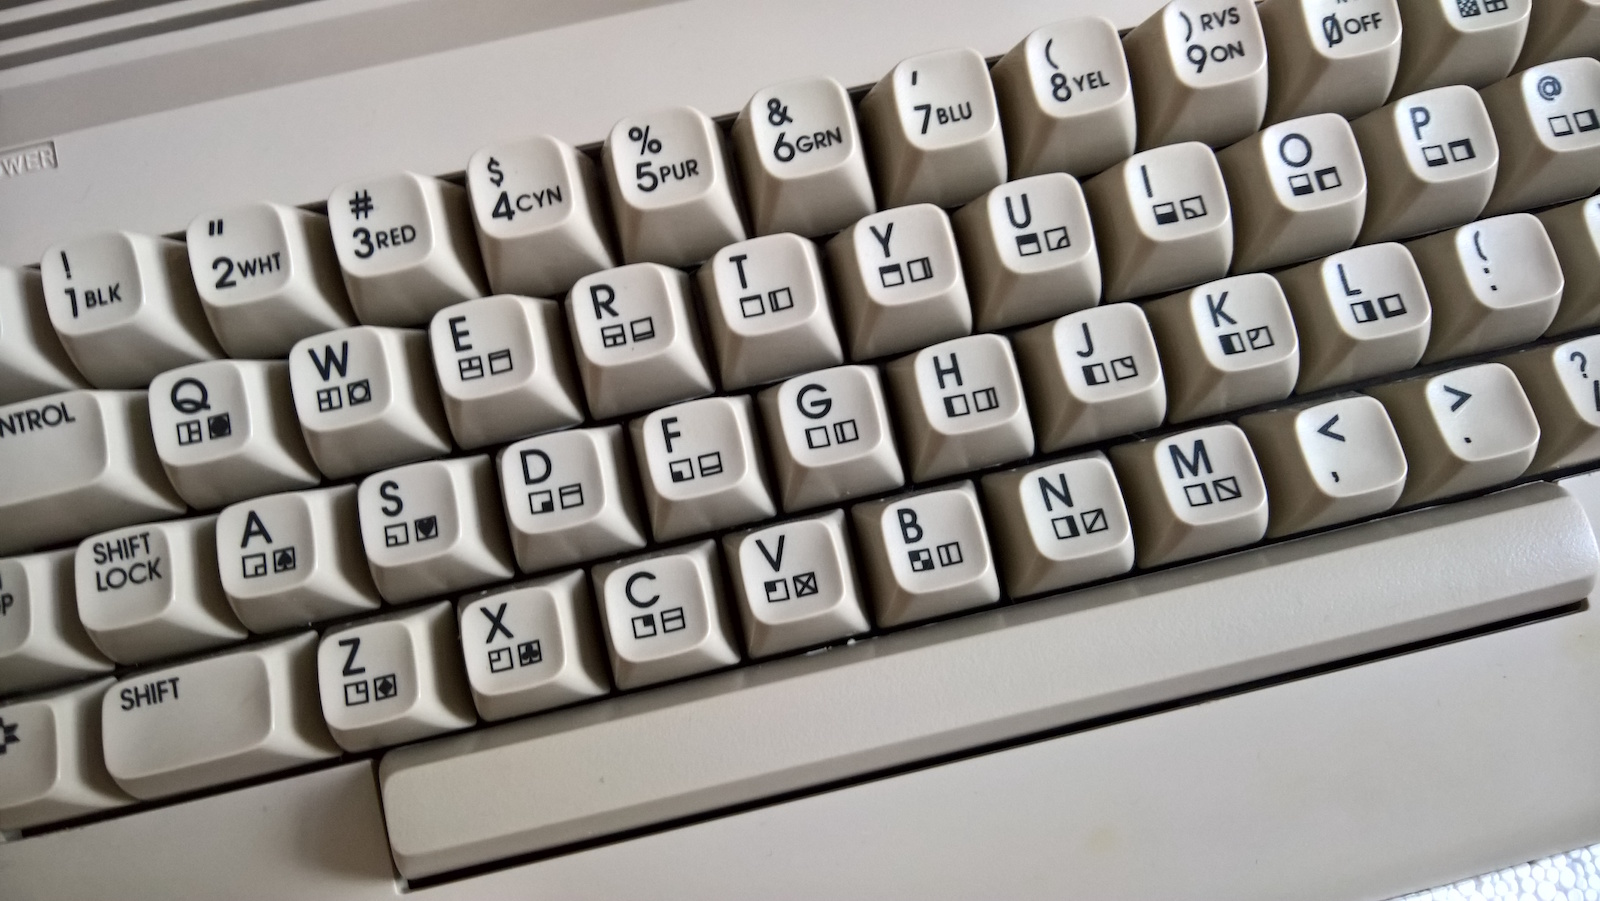 Letzte Revision der Tastatur. (Bild: Stefan Vogt)